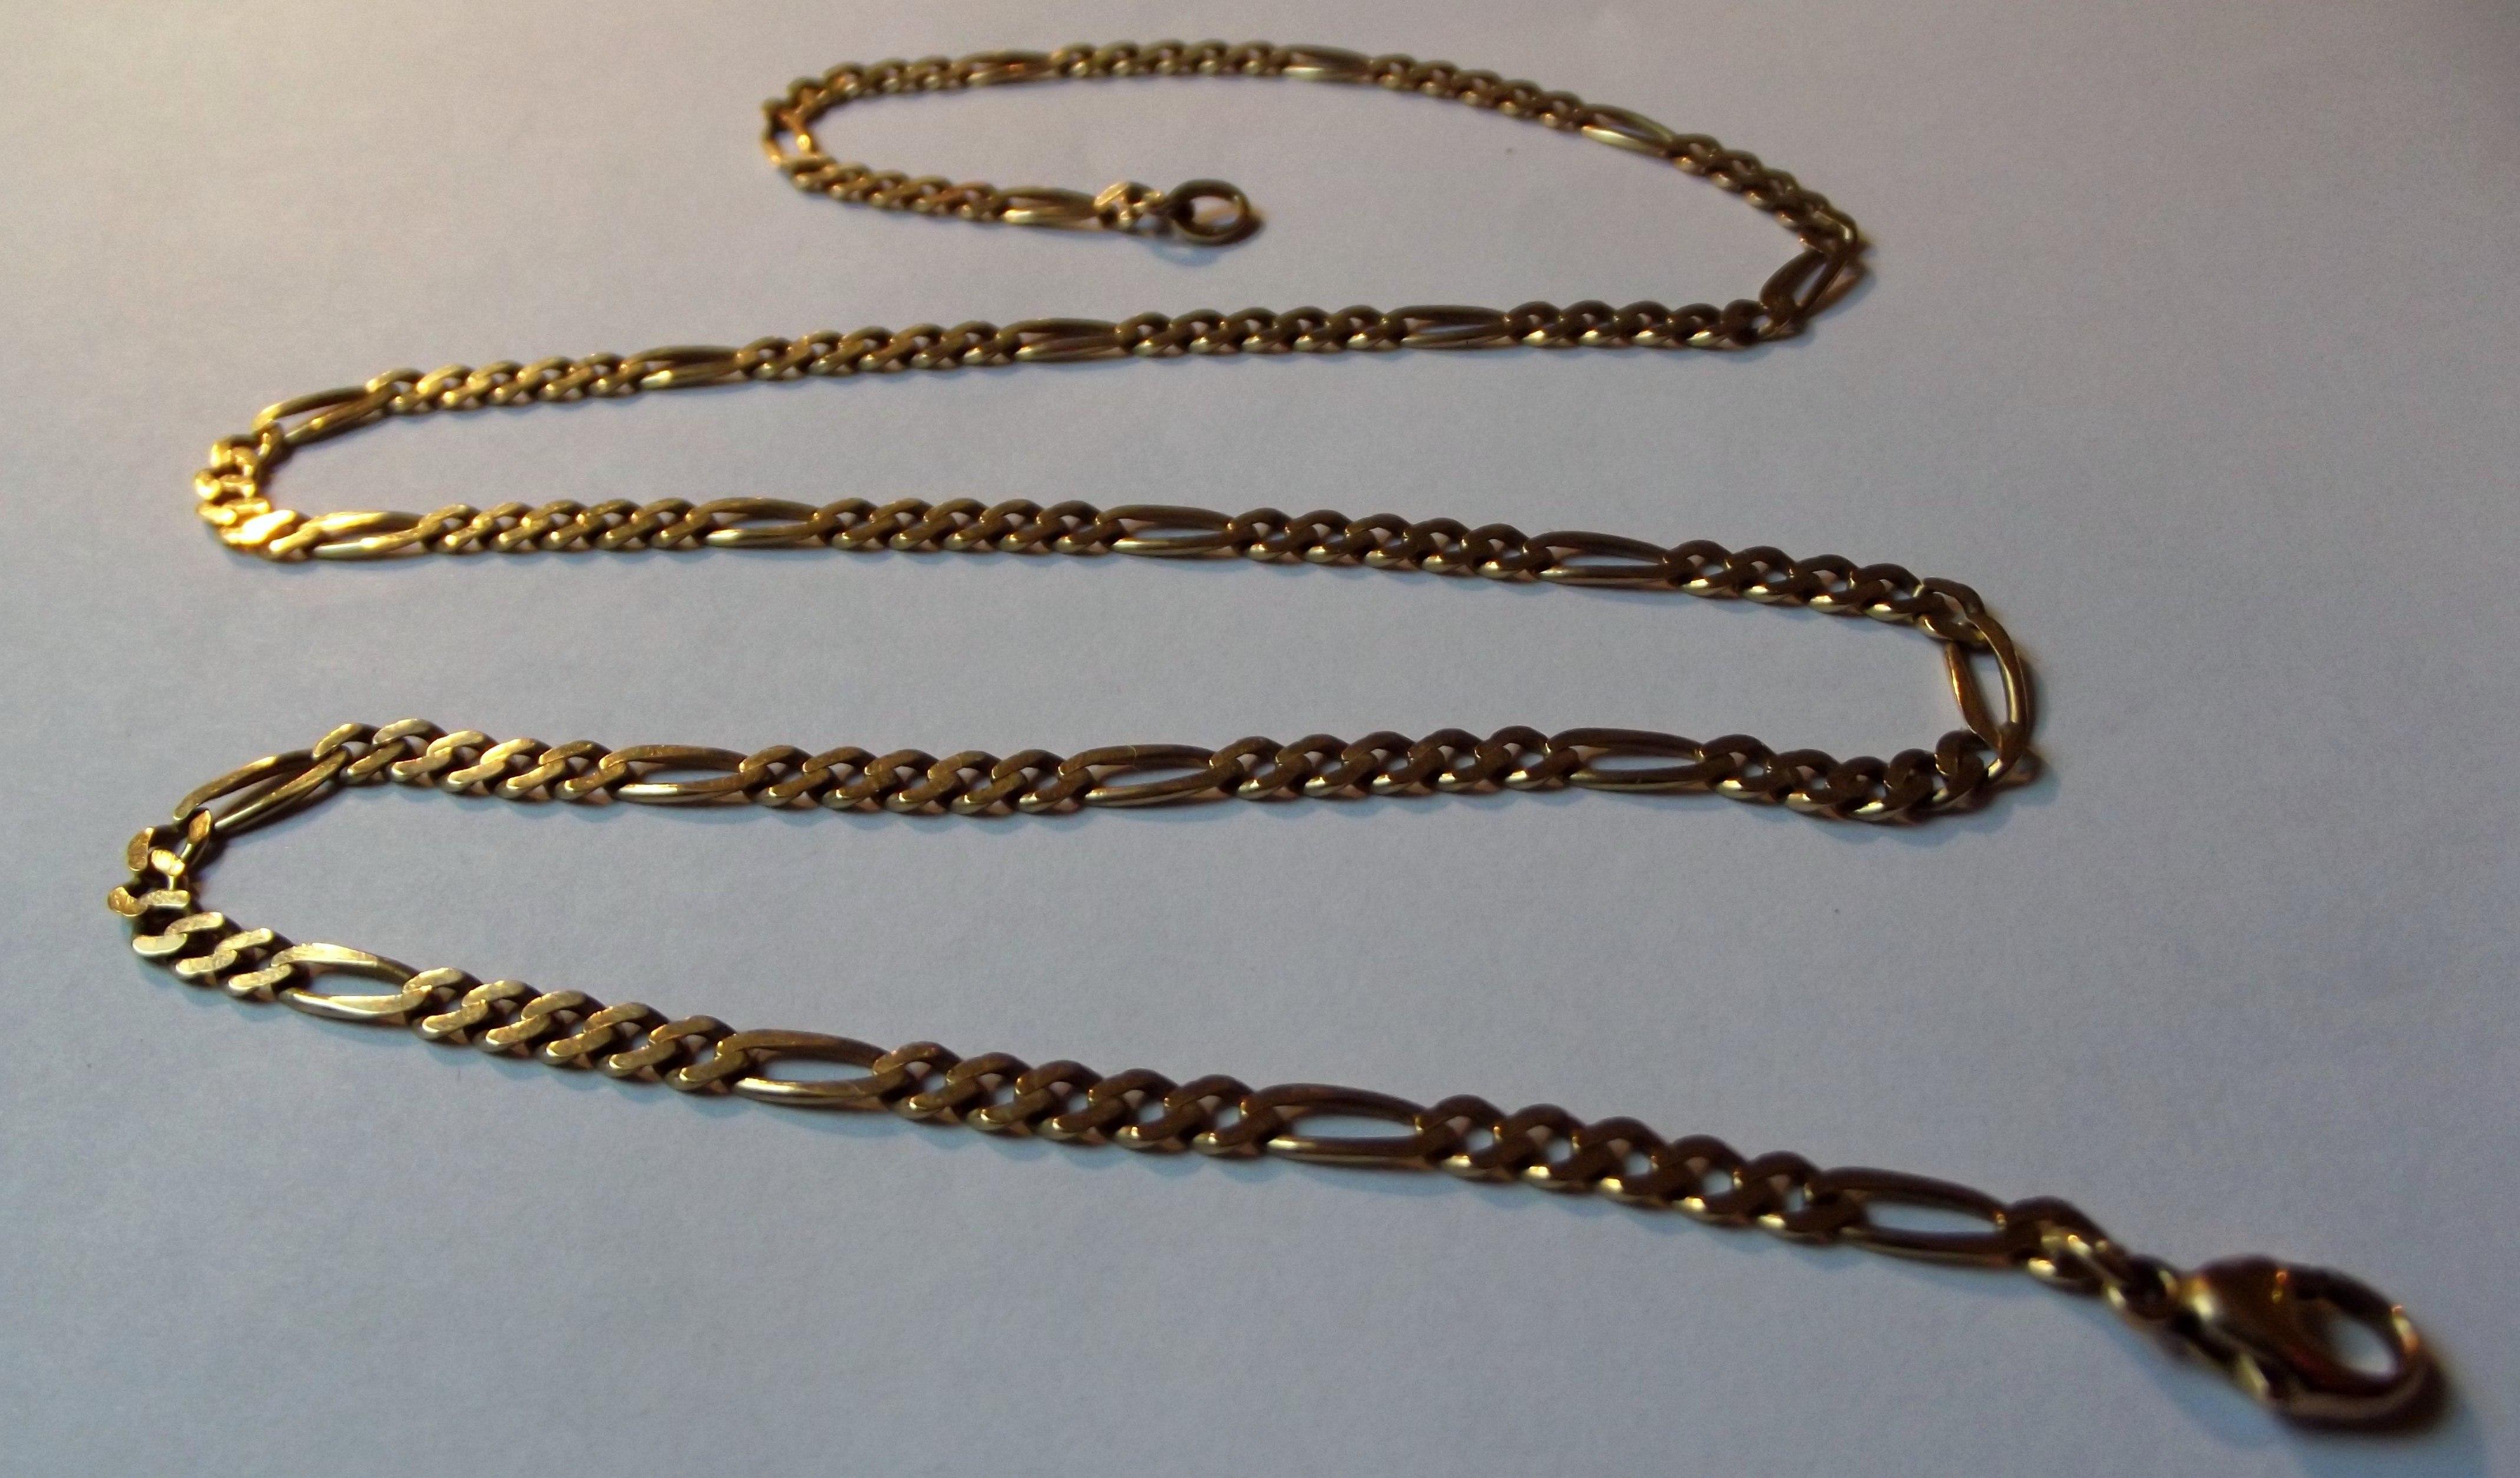 lang guldkæde med vedhæng